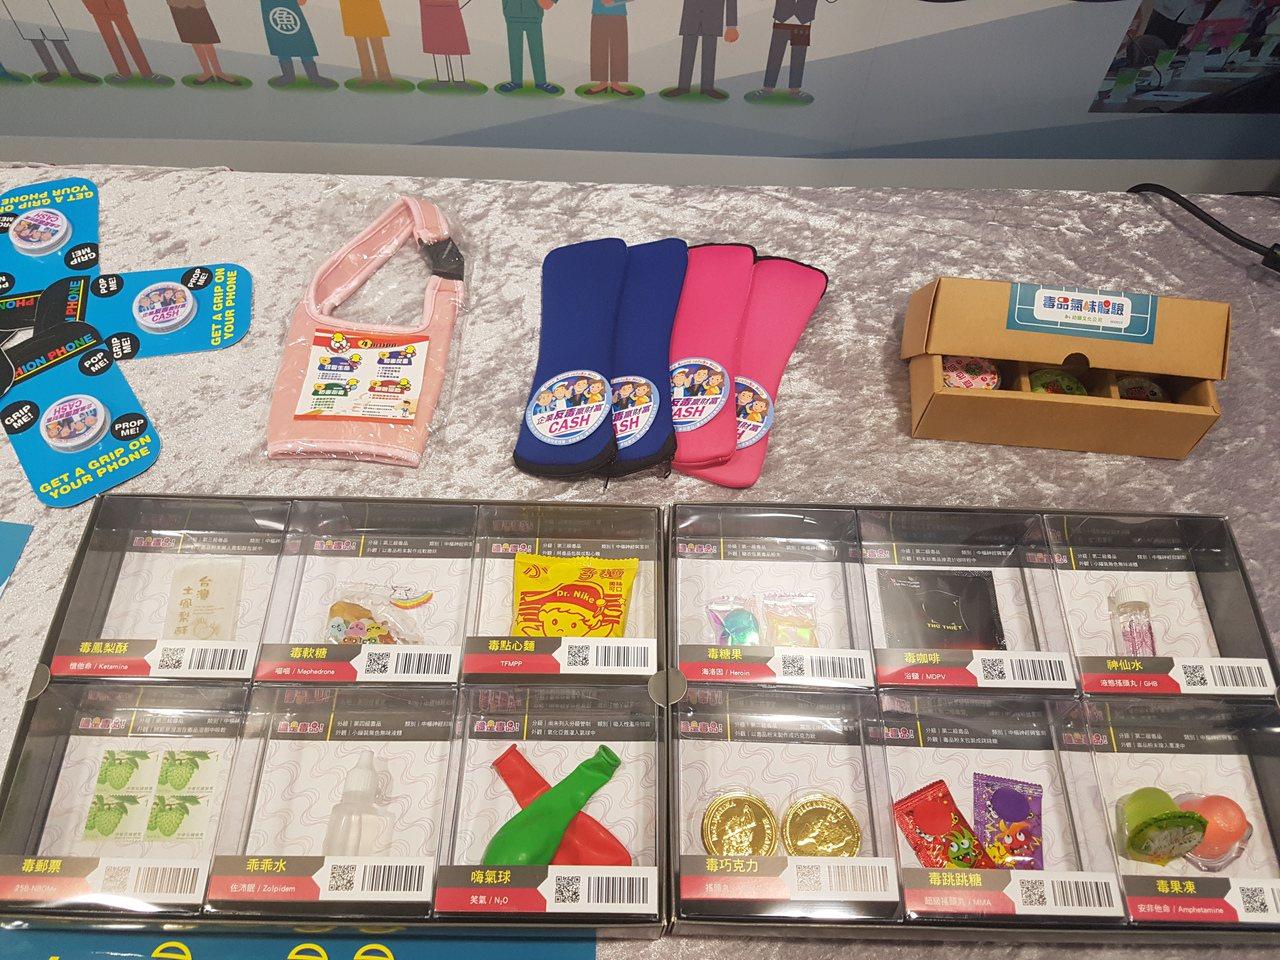 新興毒品可能包裝成郵票、糖果餅乾等,不可不慎。記者楊雅棠/攝影